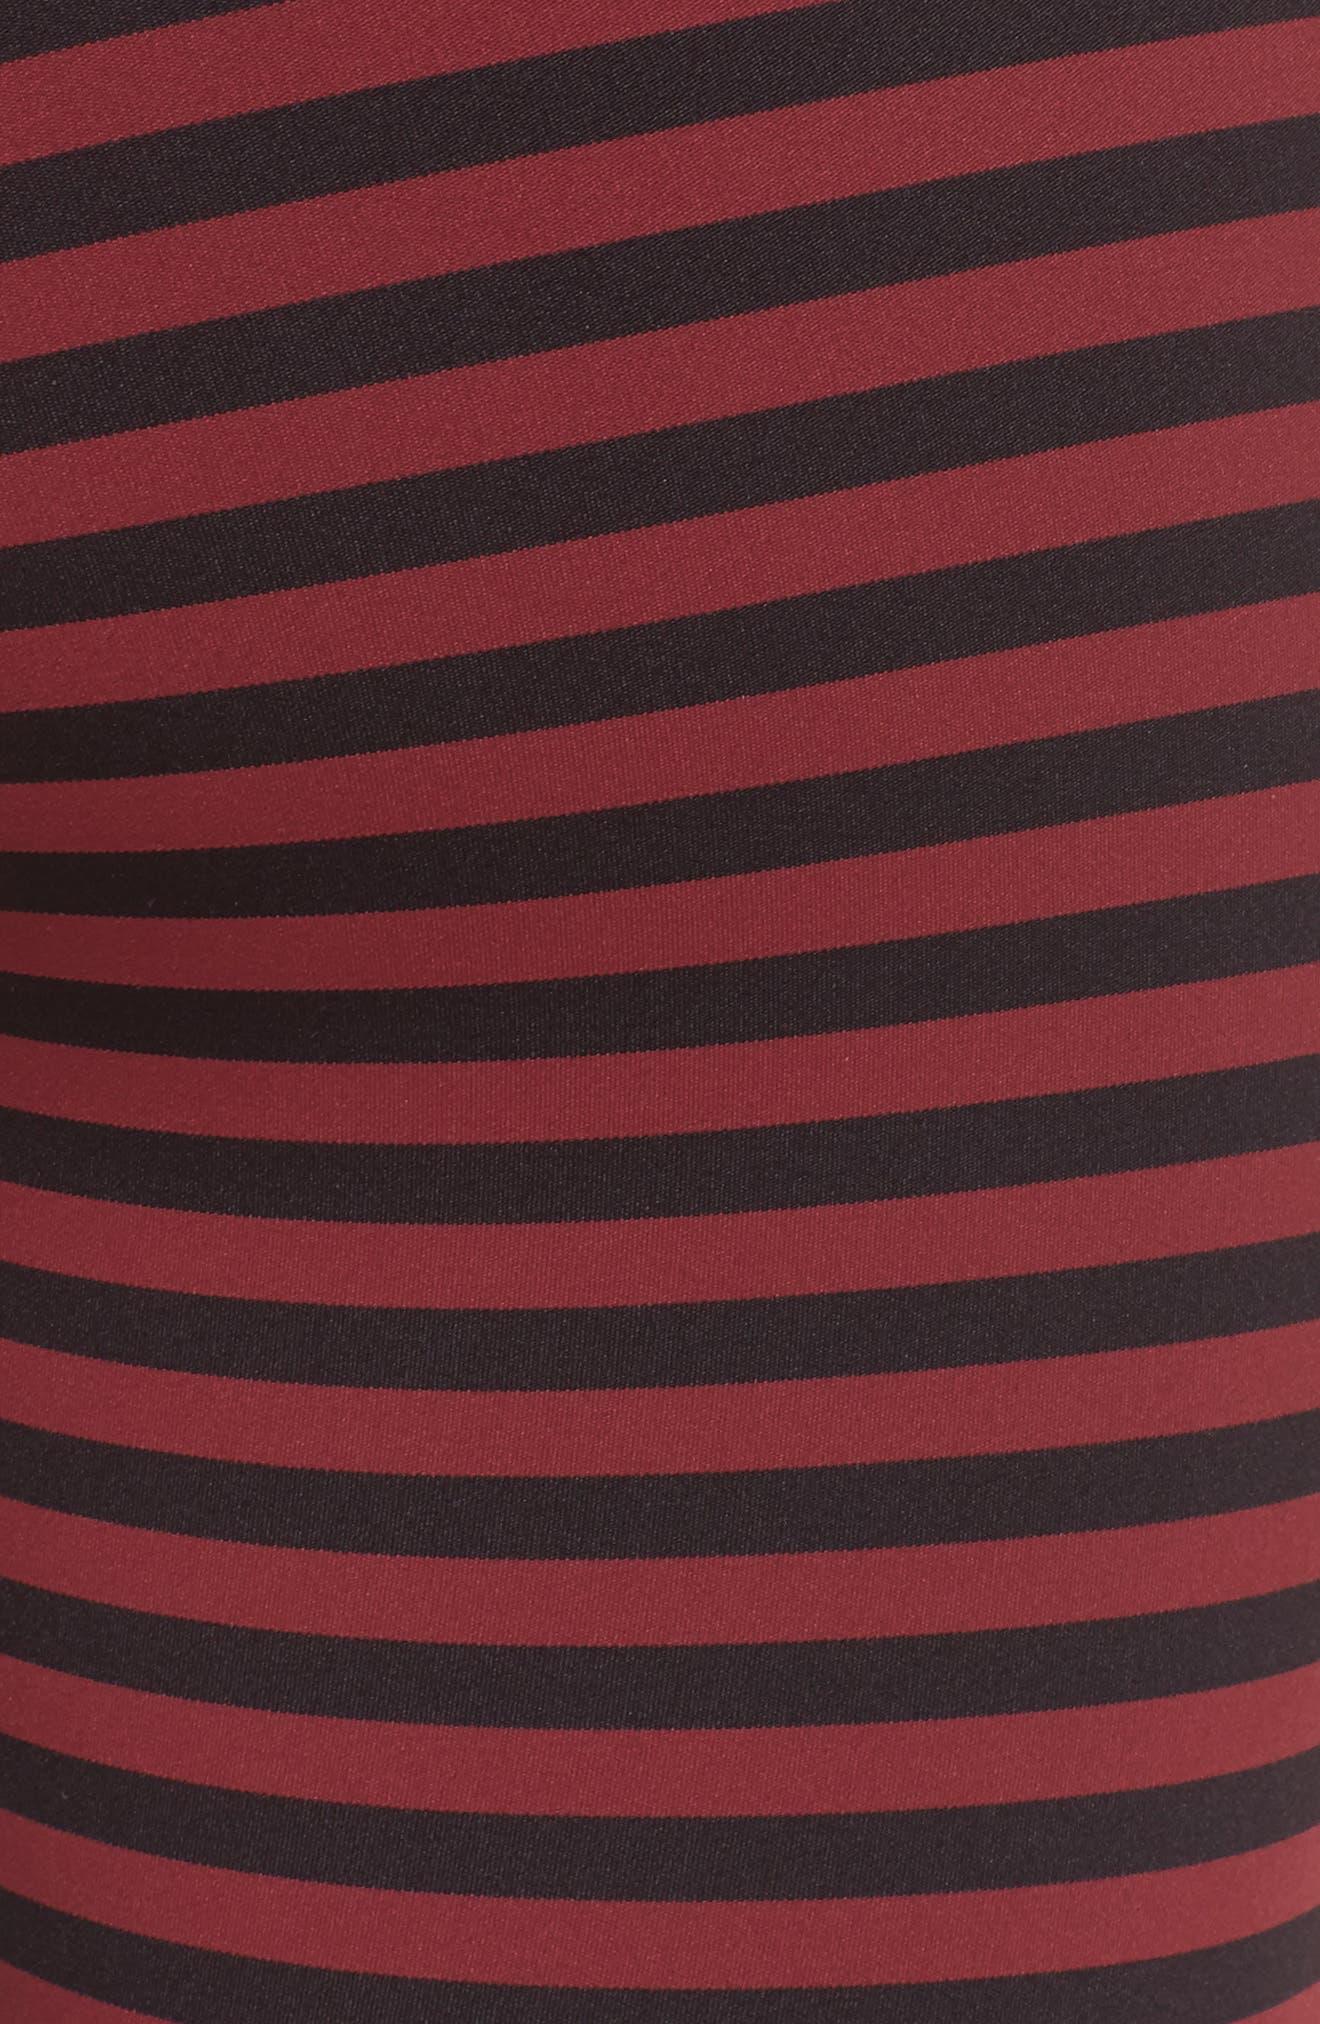 Stripe 7/8 Leggings,                             Alternate thumbnail 6, color,                             601